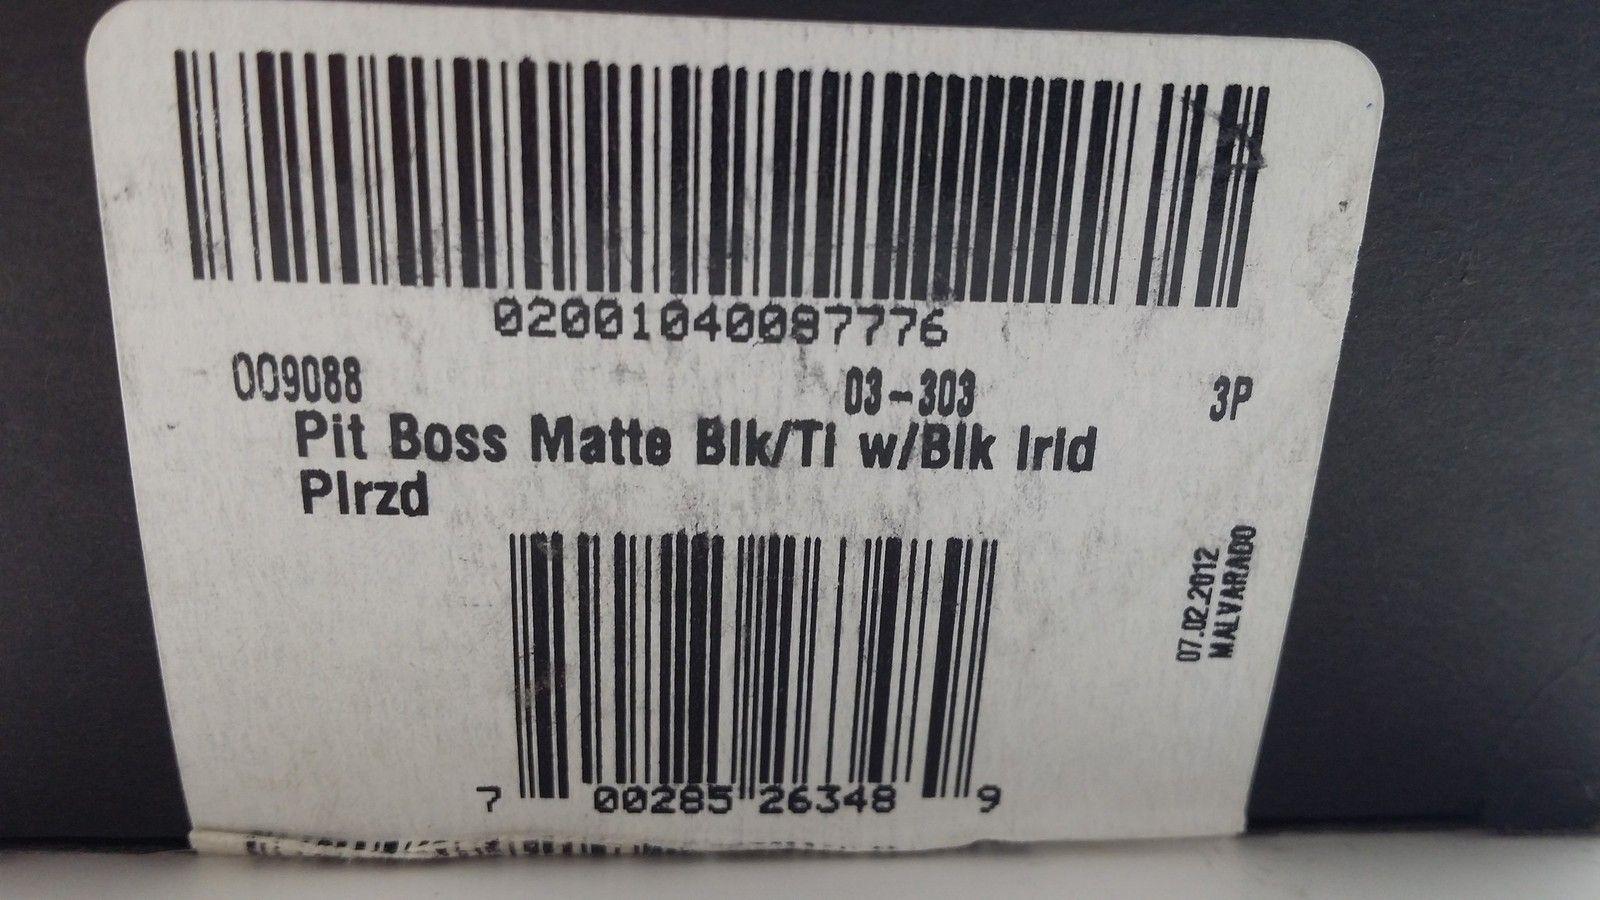 $OLD PB1 Matte/Ti  03-303 Complete Elite Bag Vault New blah blah... - 16146727104_926a63bfbe_k.jpg